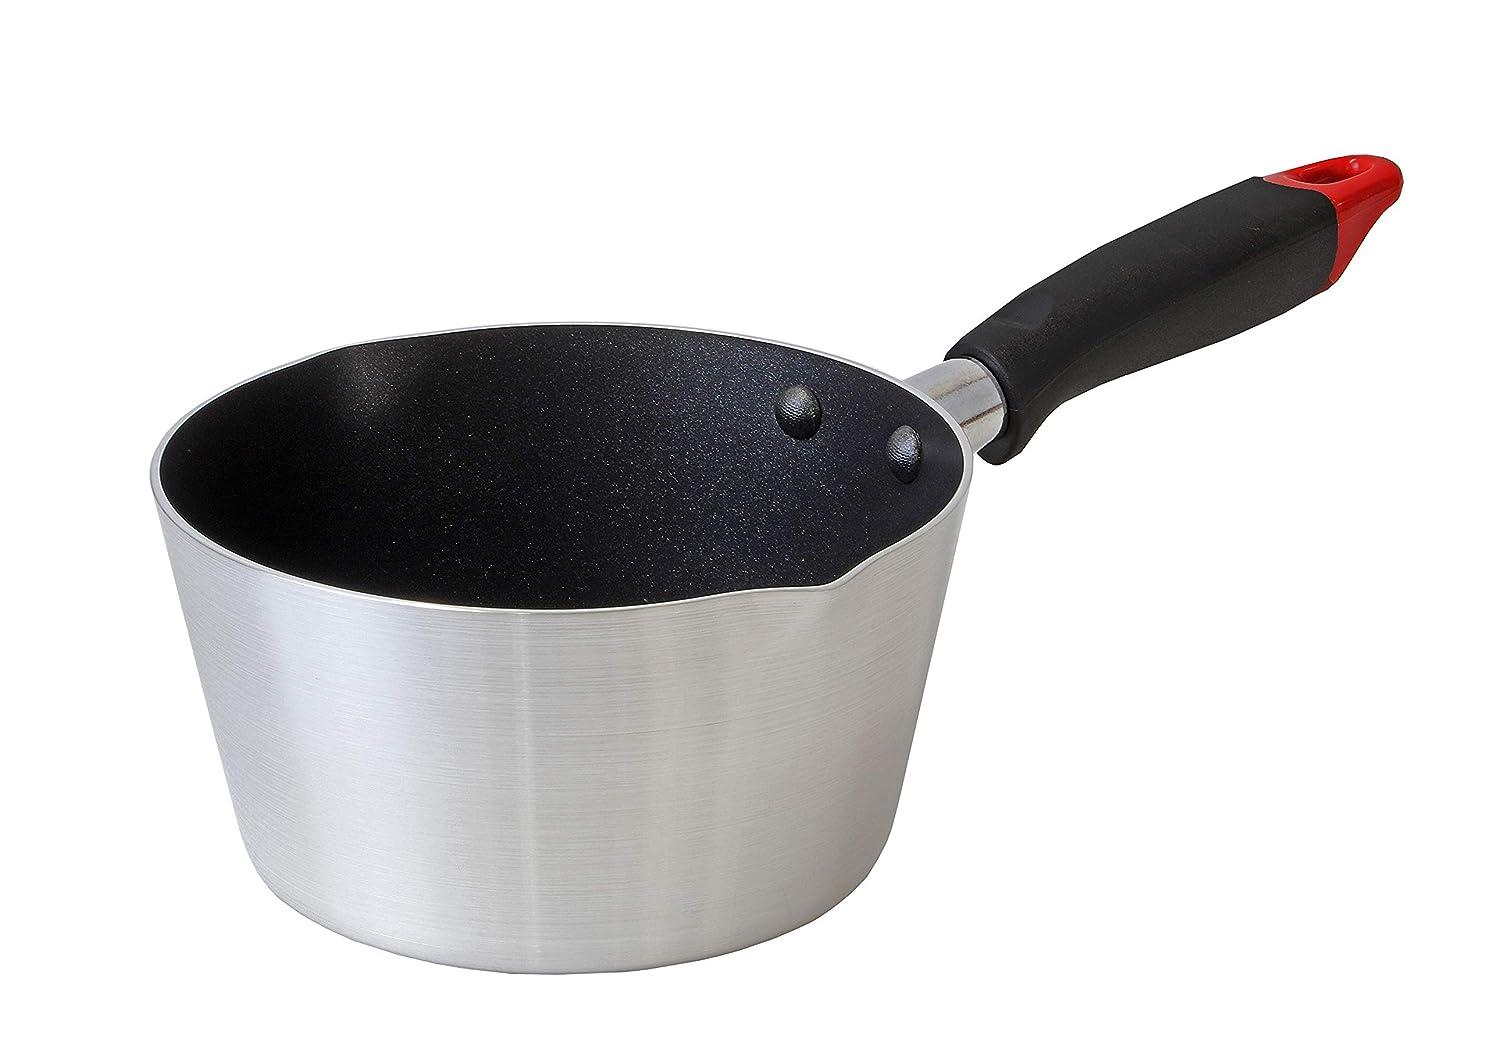 ハウス苛性有用パール金属 雪平鍋 シルバー 16cm プラスチック柄 ふっ素加工 アルミ キッチンメイト HB-4461